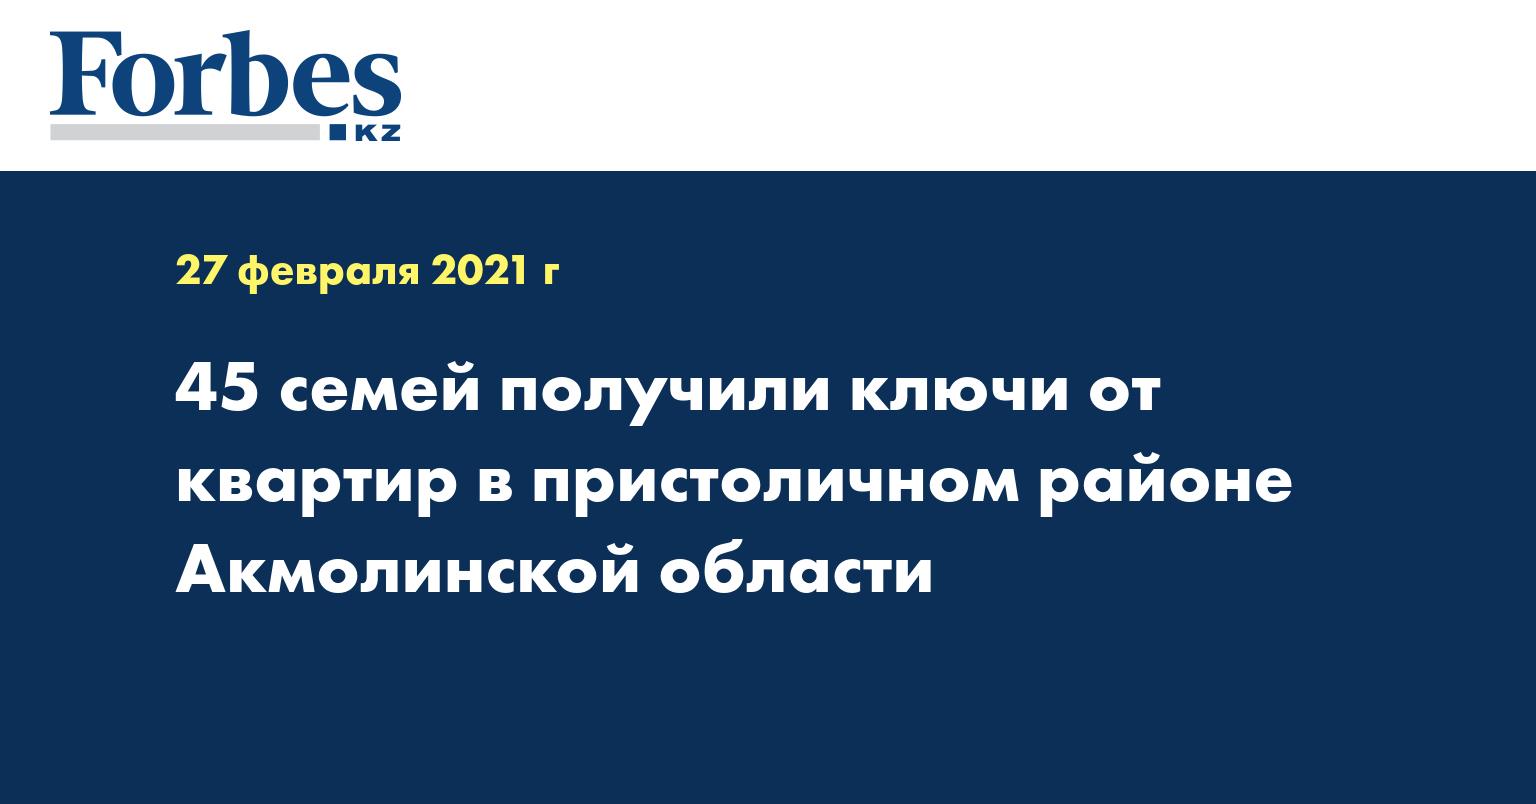 45 семей получили ключи от квартир в пристоличном районе Акмолинской области